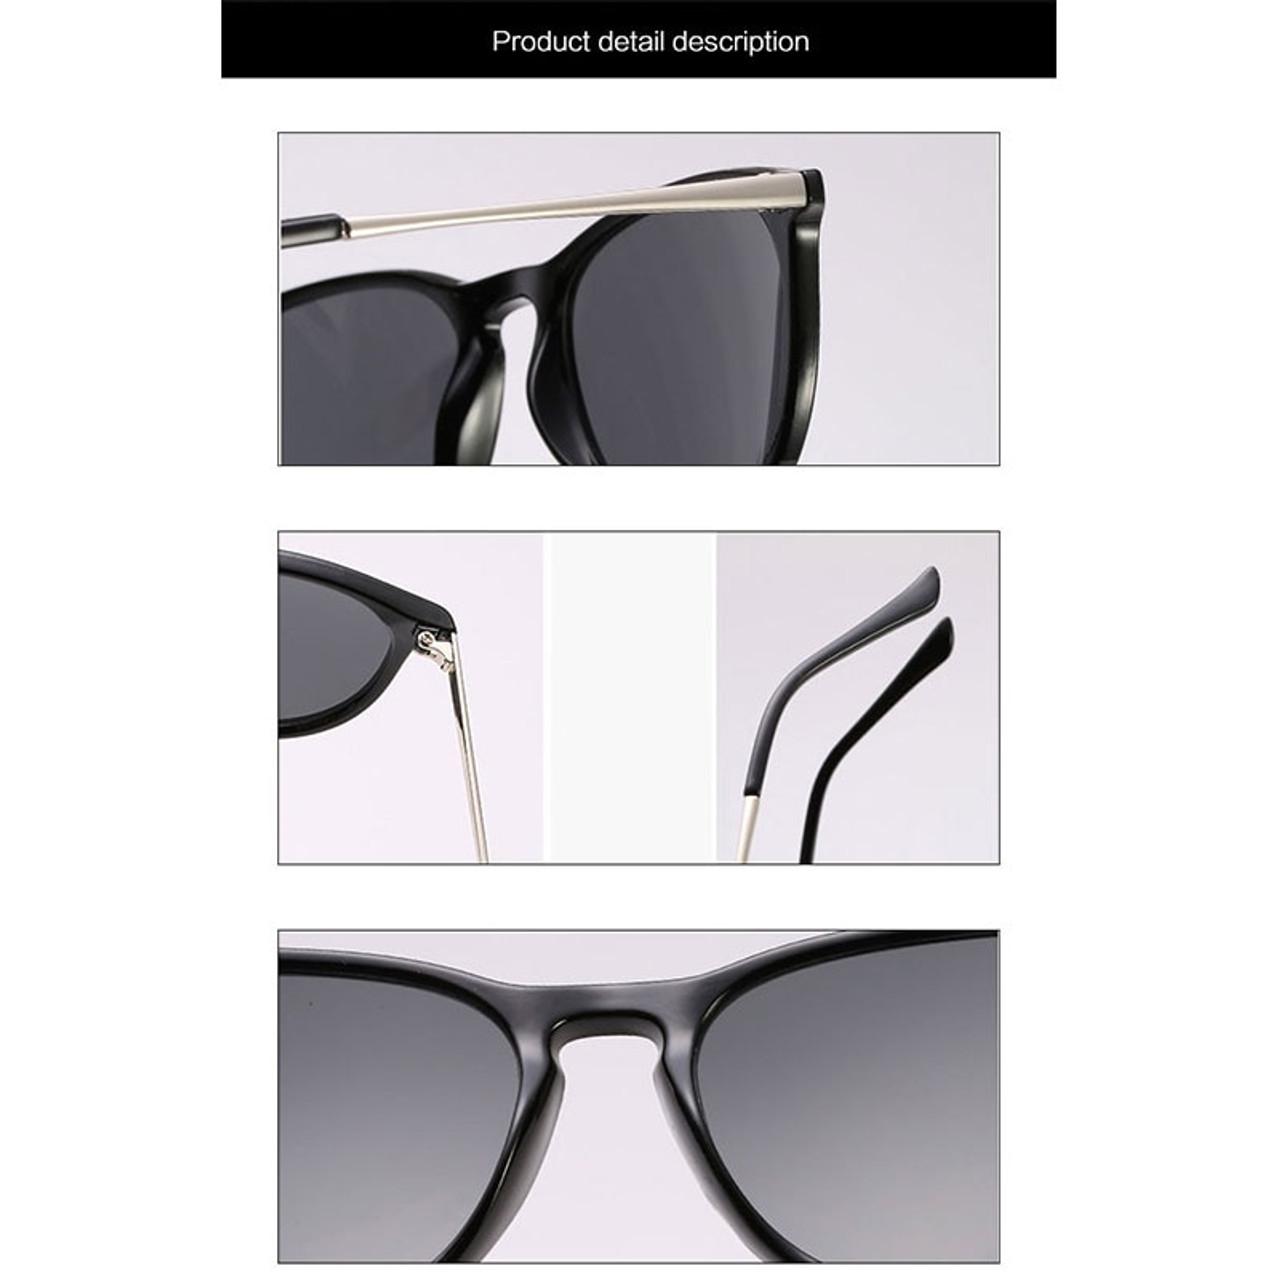 6f2e019af86 ... HUHAITANG luxury brand oval sunglasses men vintage cat eye sun glasses  for women 2019 high quality ...